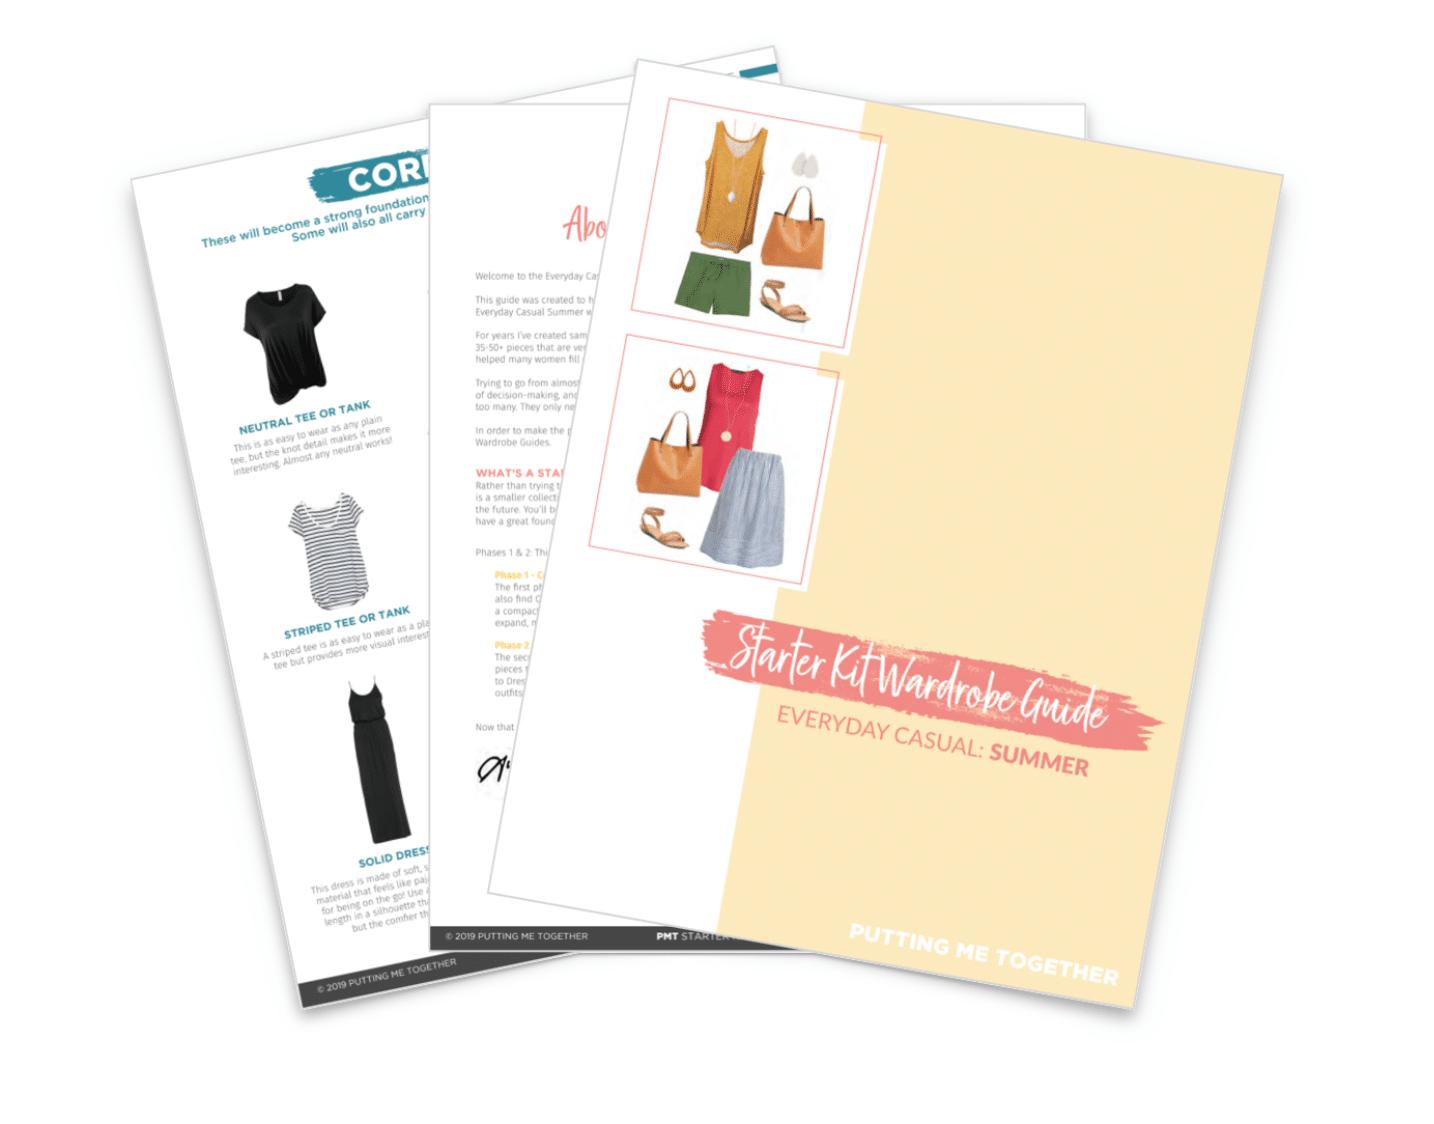 Summer Starter Kit Wardrobe Guide